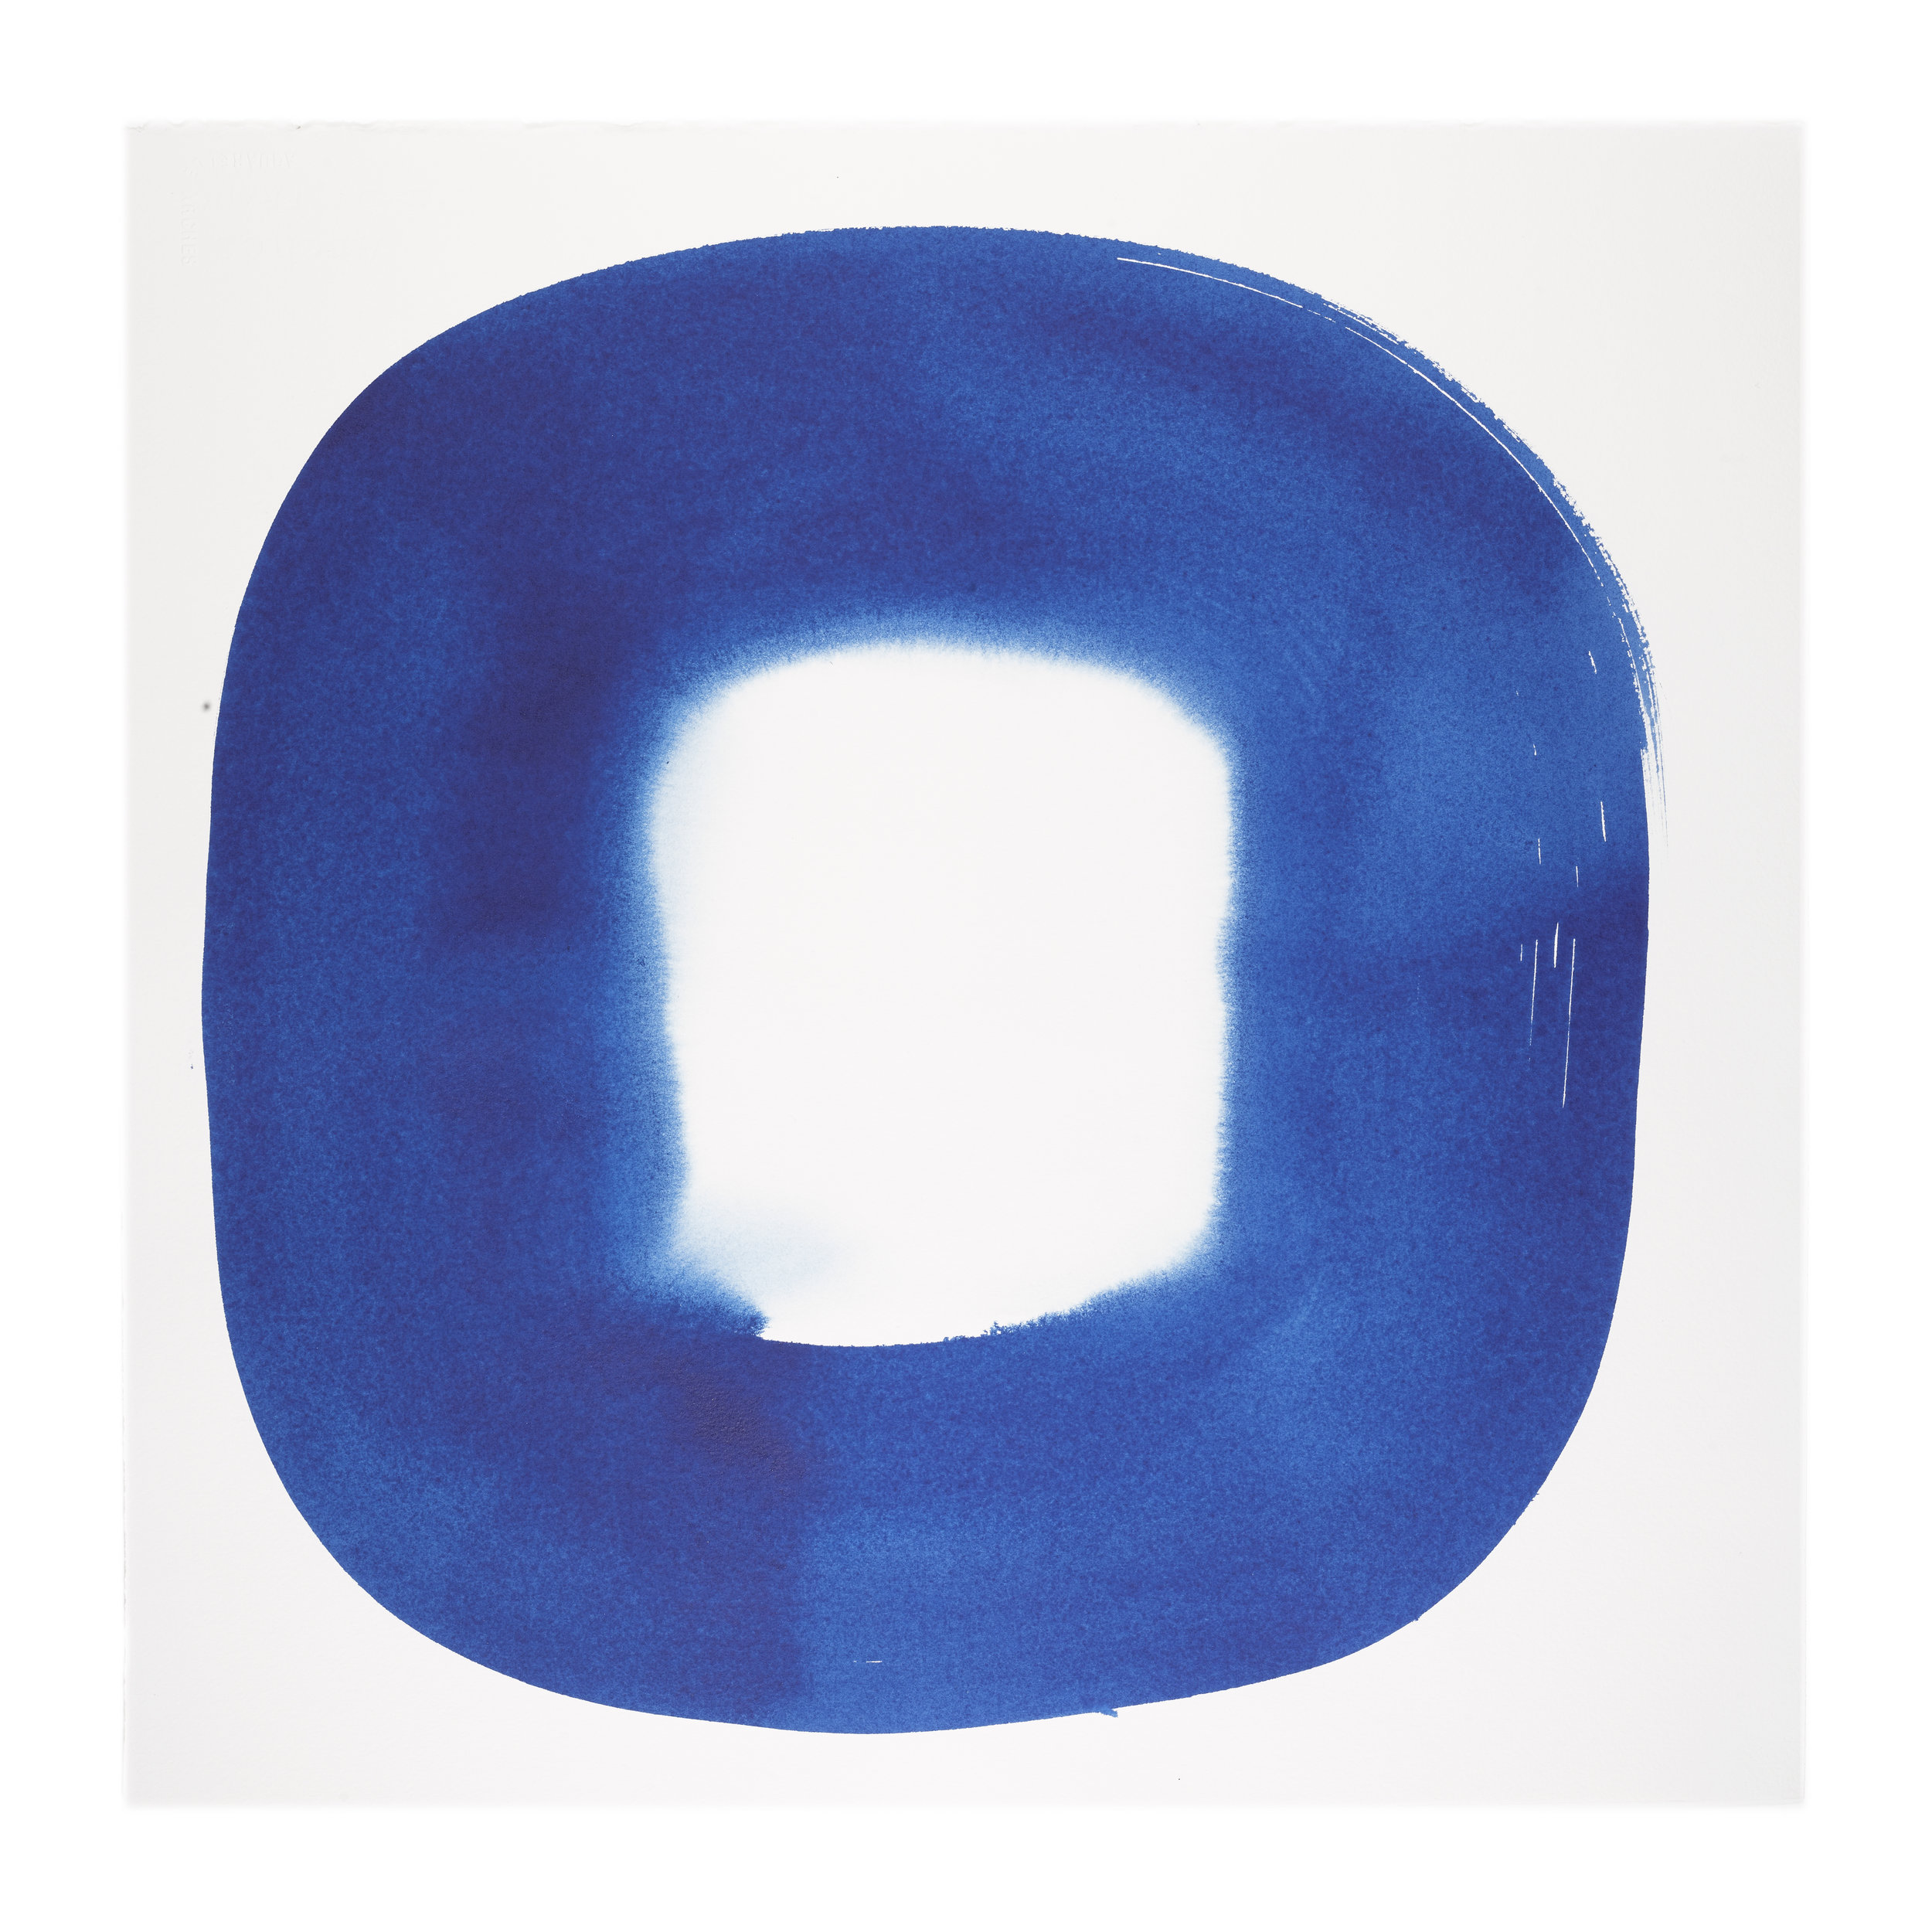 2623_Veronique_Paintings_SHOT01_Bright_Blue_002-ret.jpg